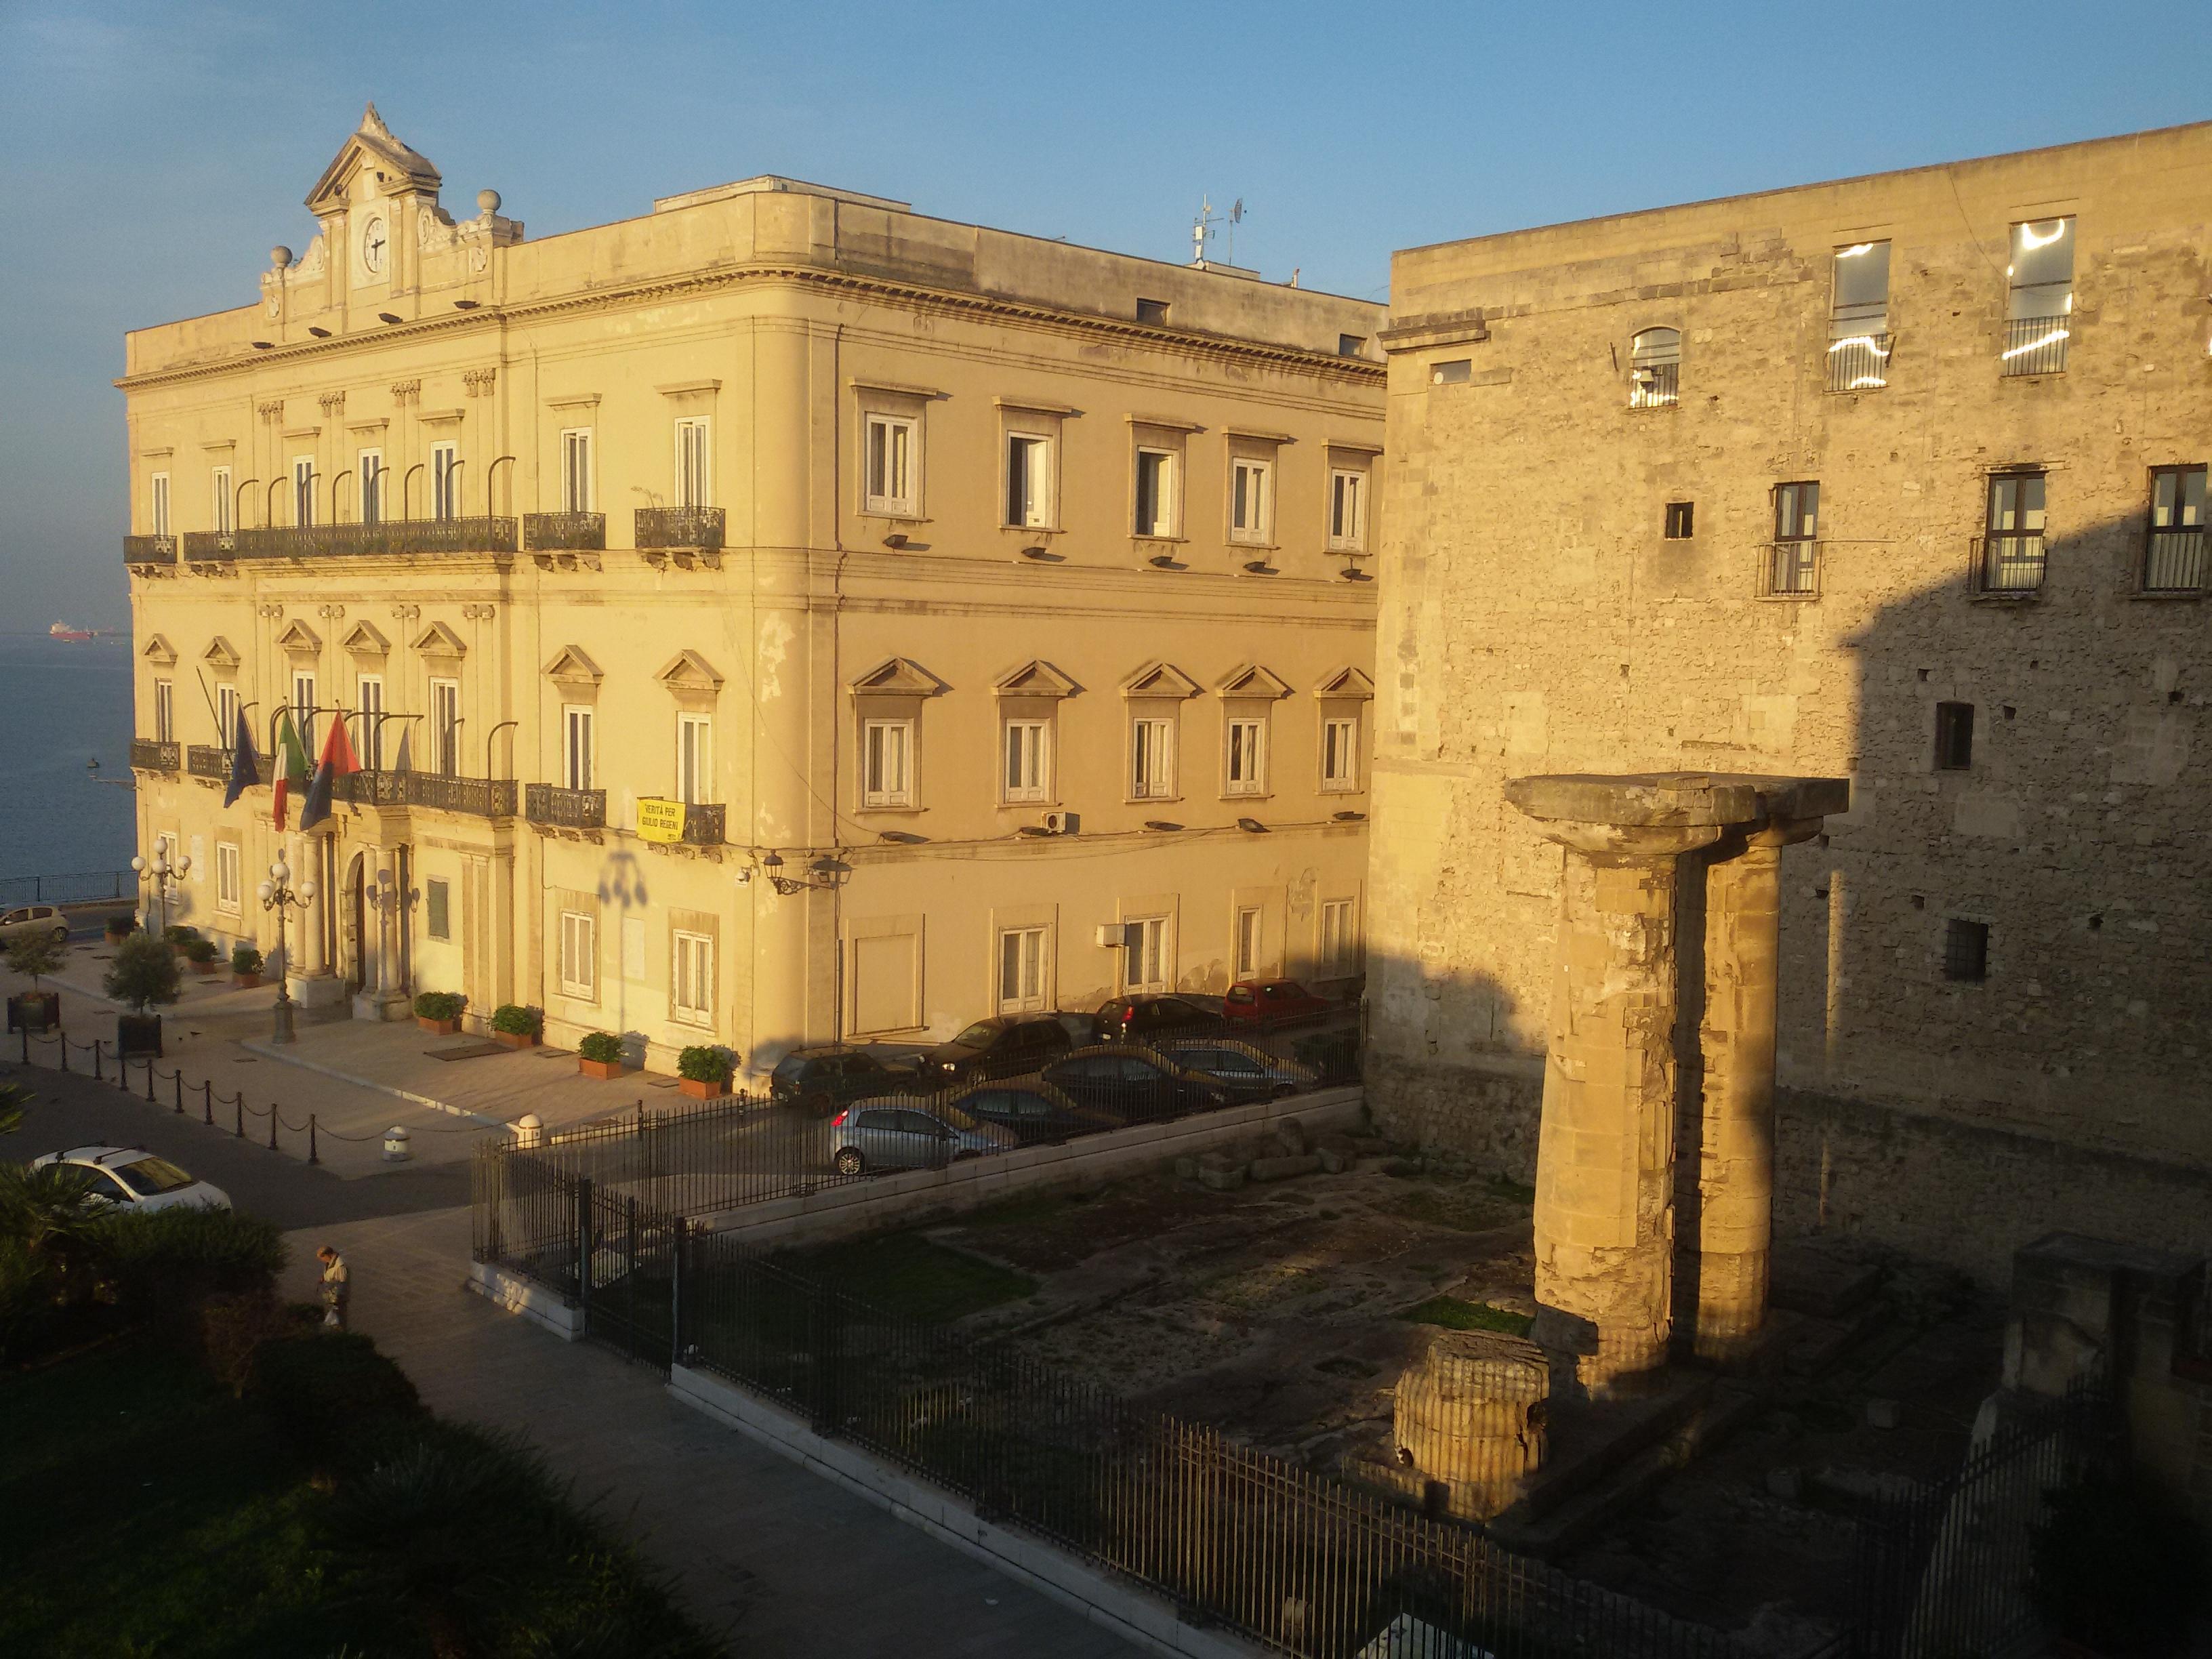 Taranto bella e amara. Diario di un viaggio. Giorno 1